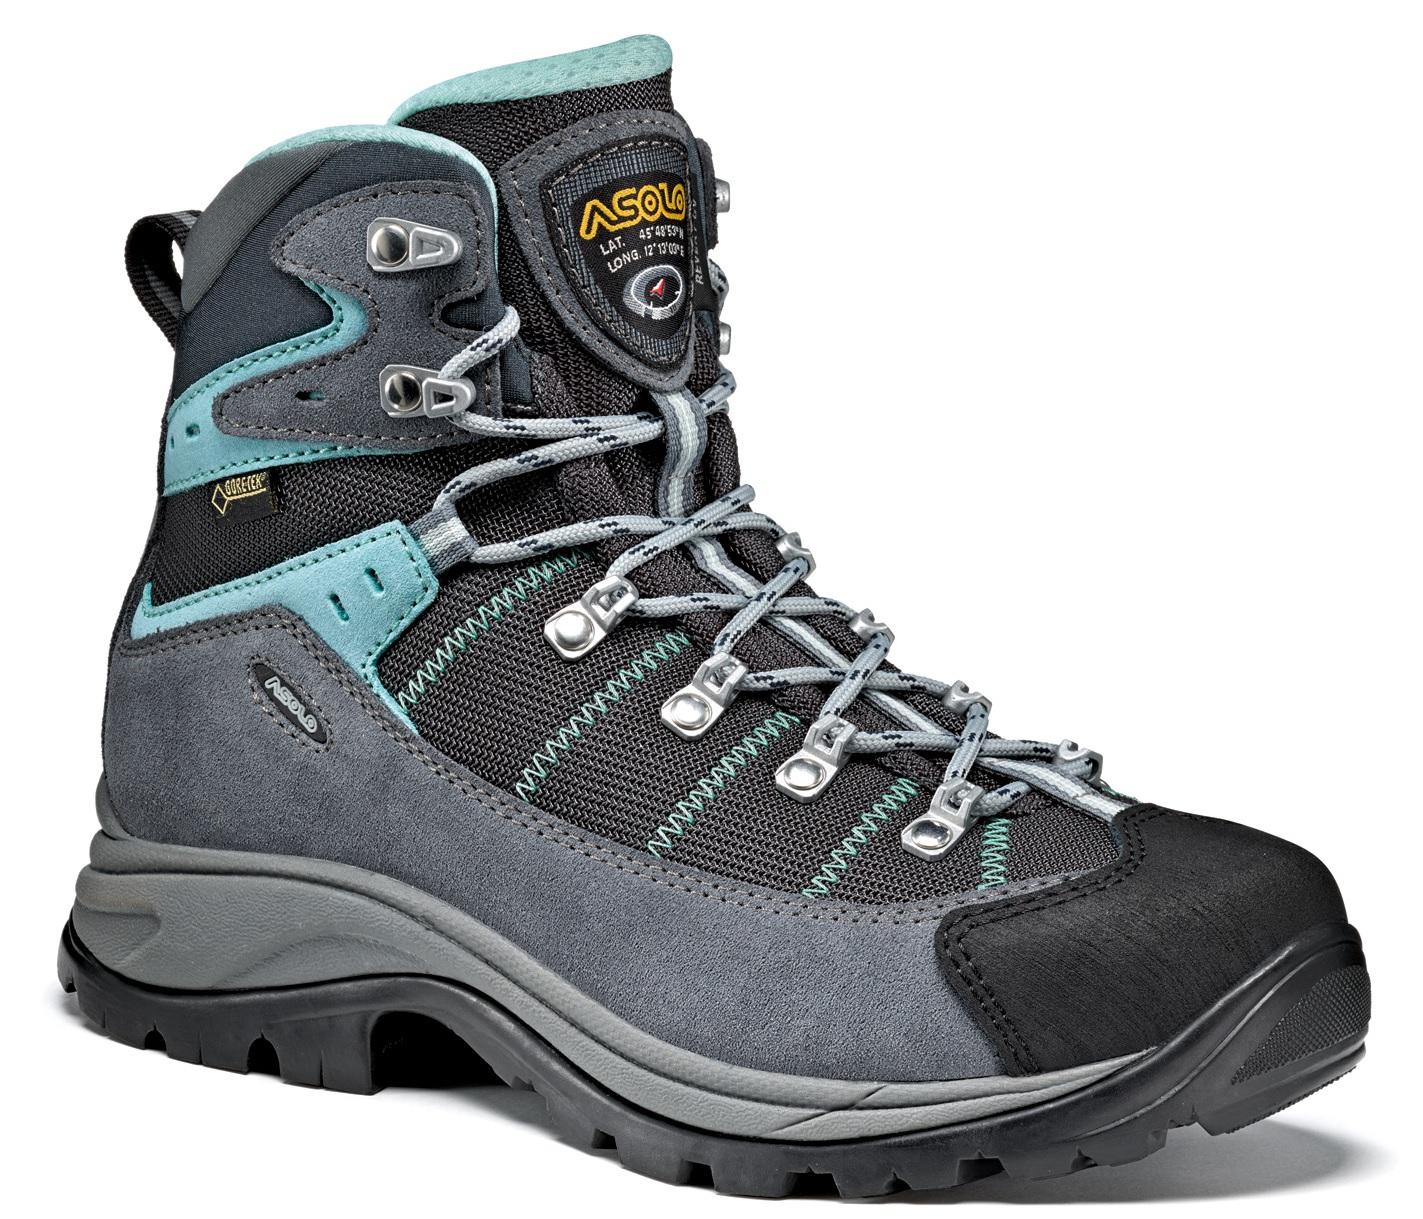 Ботинки для хайкинга (высокие) Asolo 2017-18 Hike Revert GV ML Grey / Gunmetal /Pool side (UK:6), Треккинговая обувь - арт. 973320252